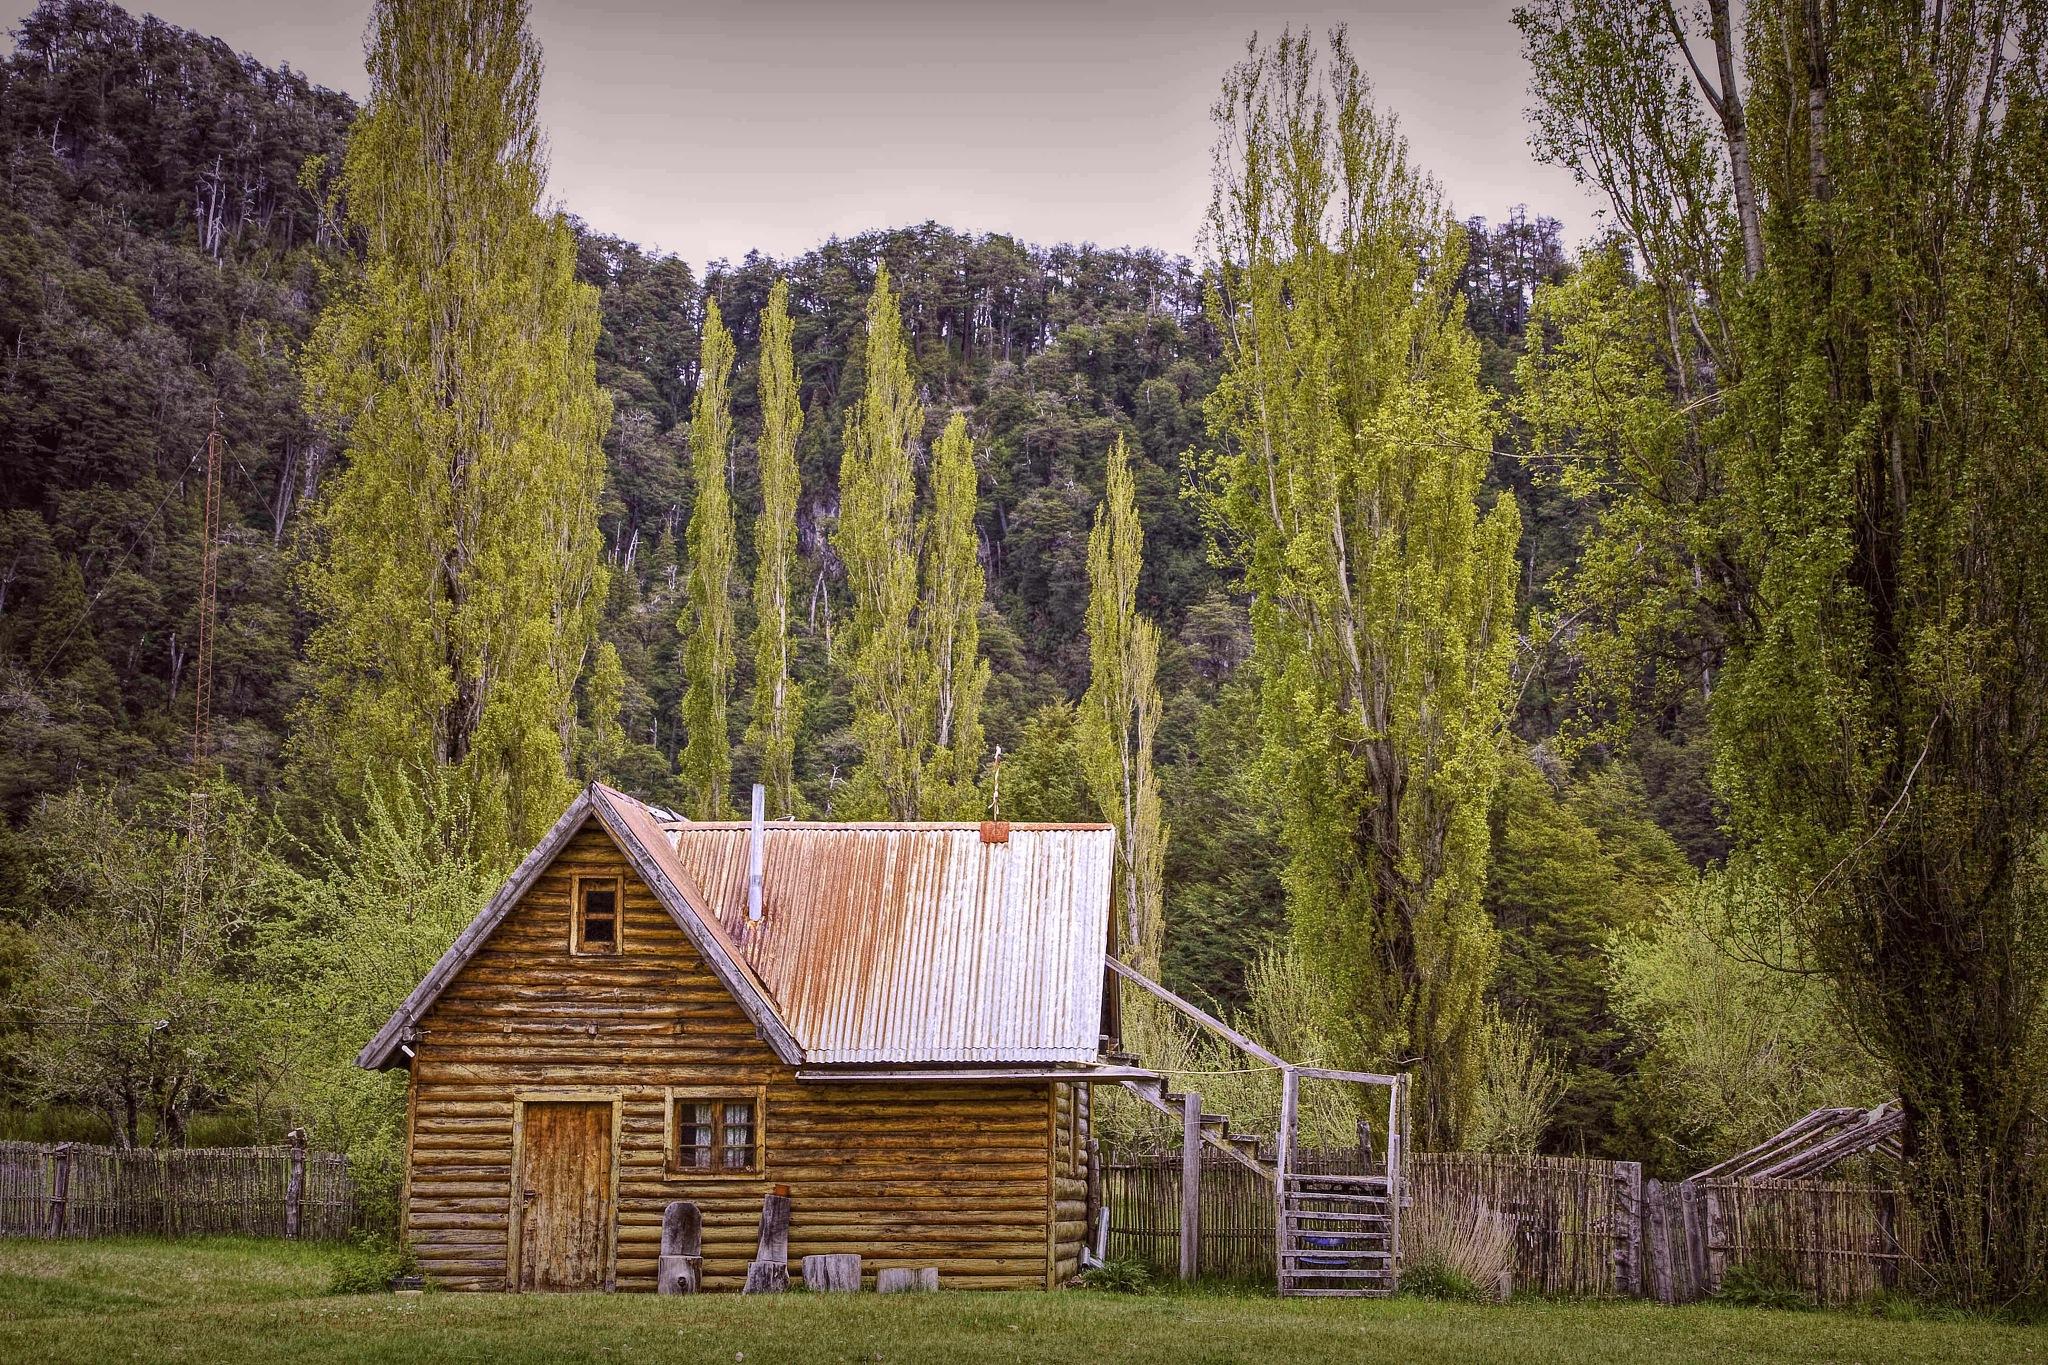 The woodman's house by Alberto Figueroa